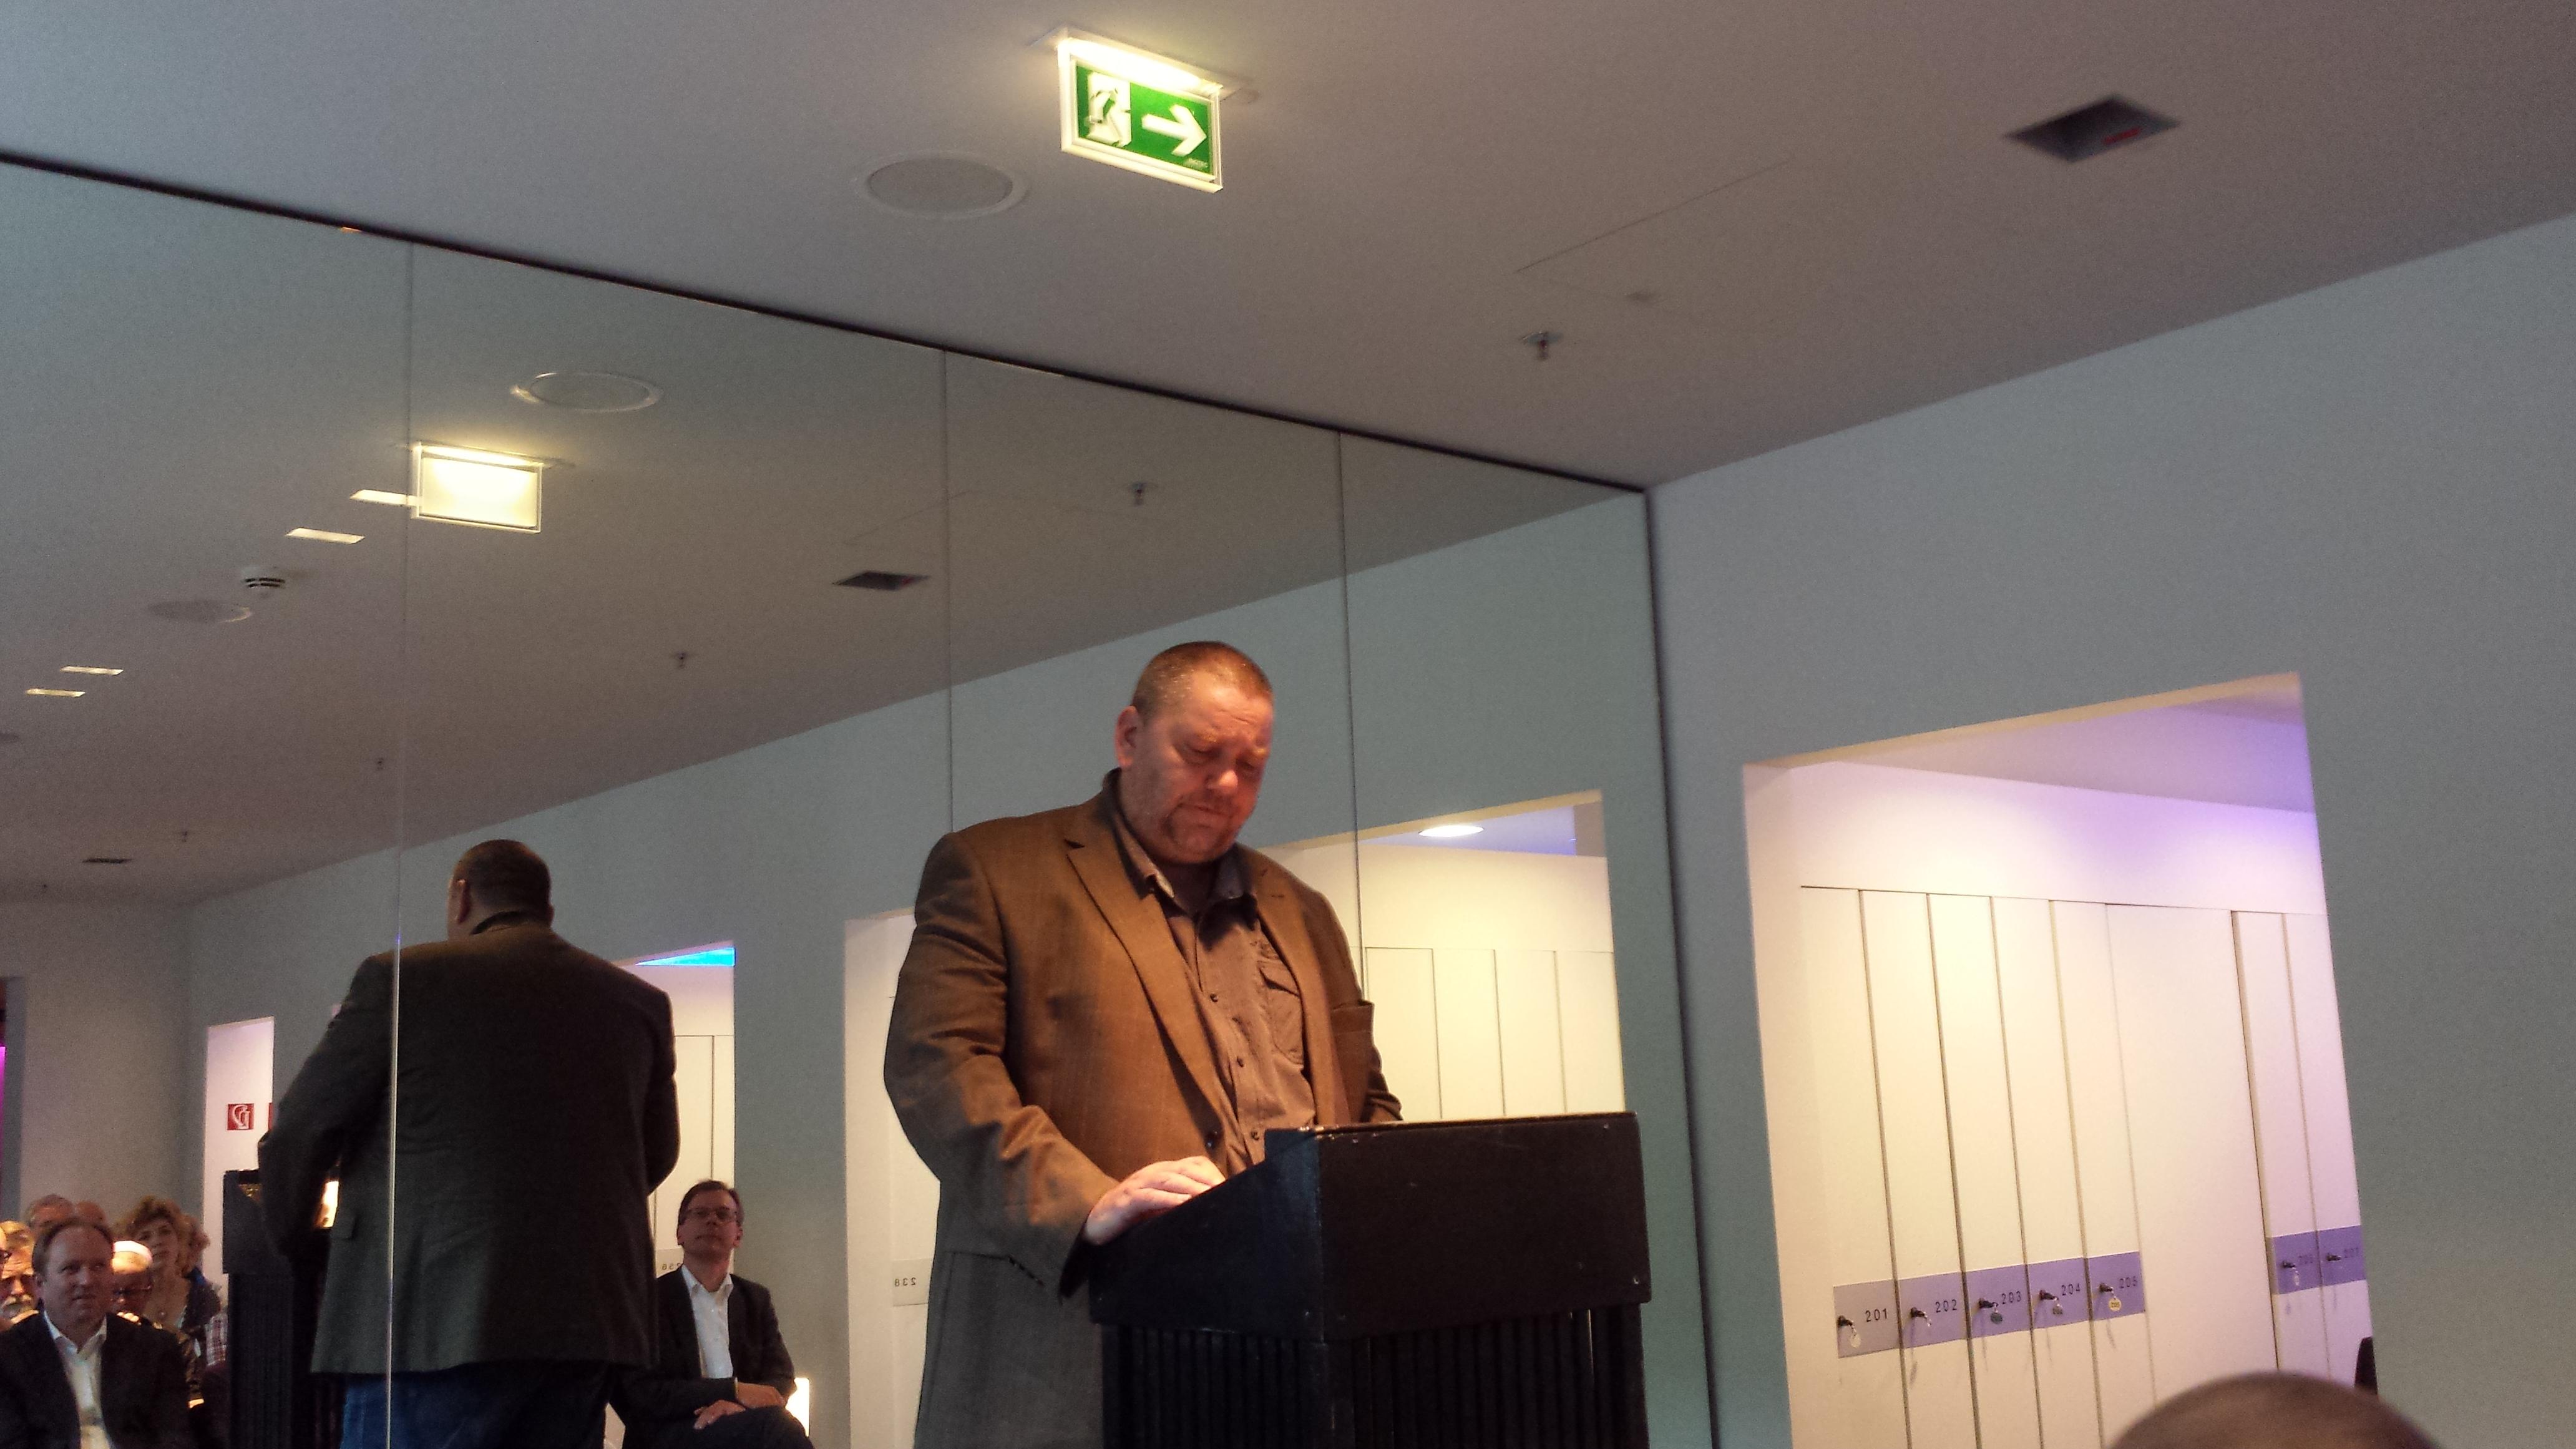 Andreas Beck, einer beiden Schauspieler beim lesen eines der Texte.